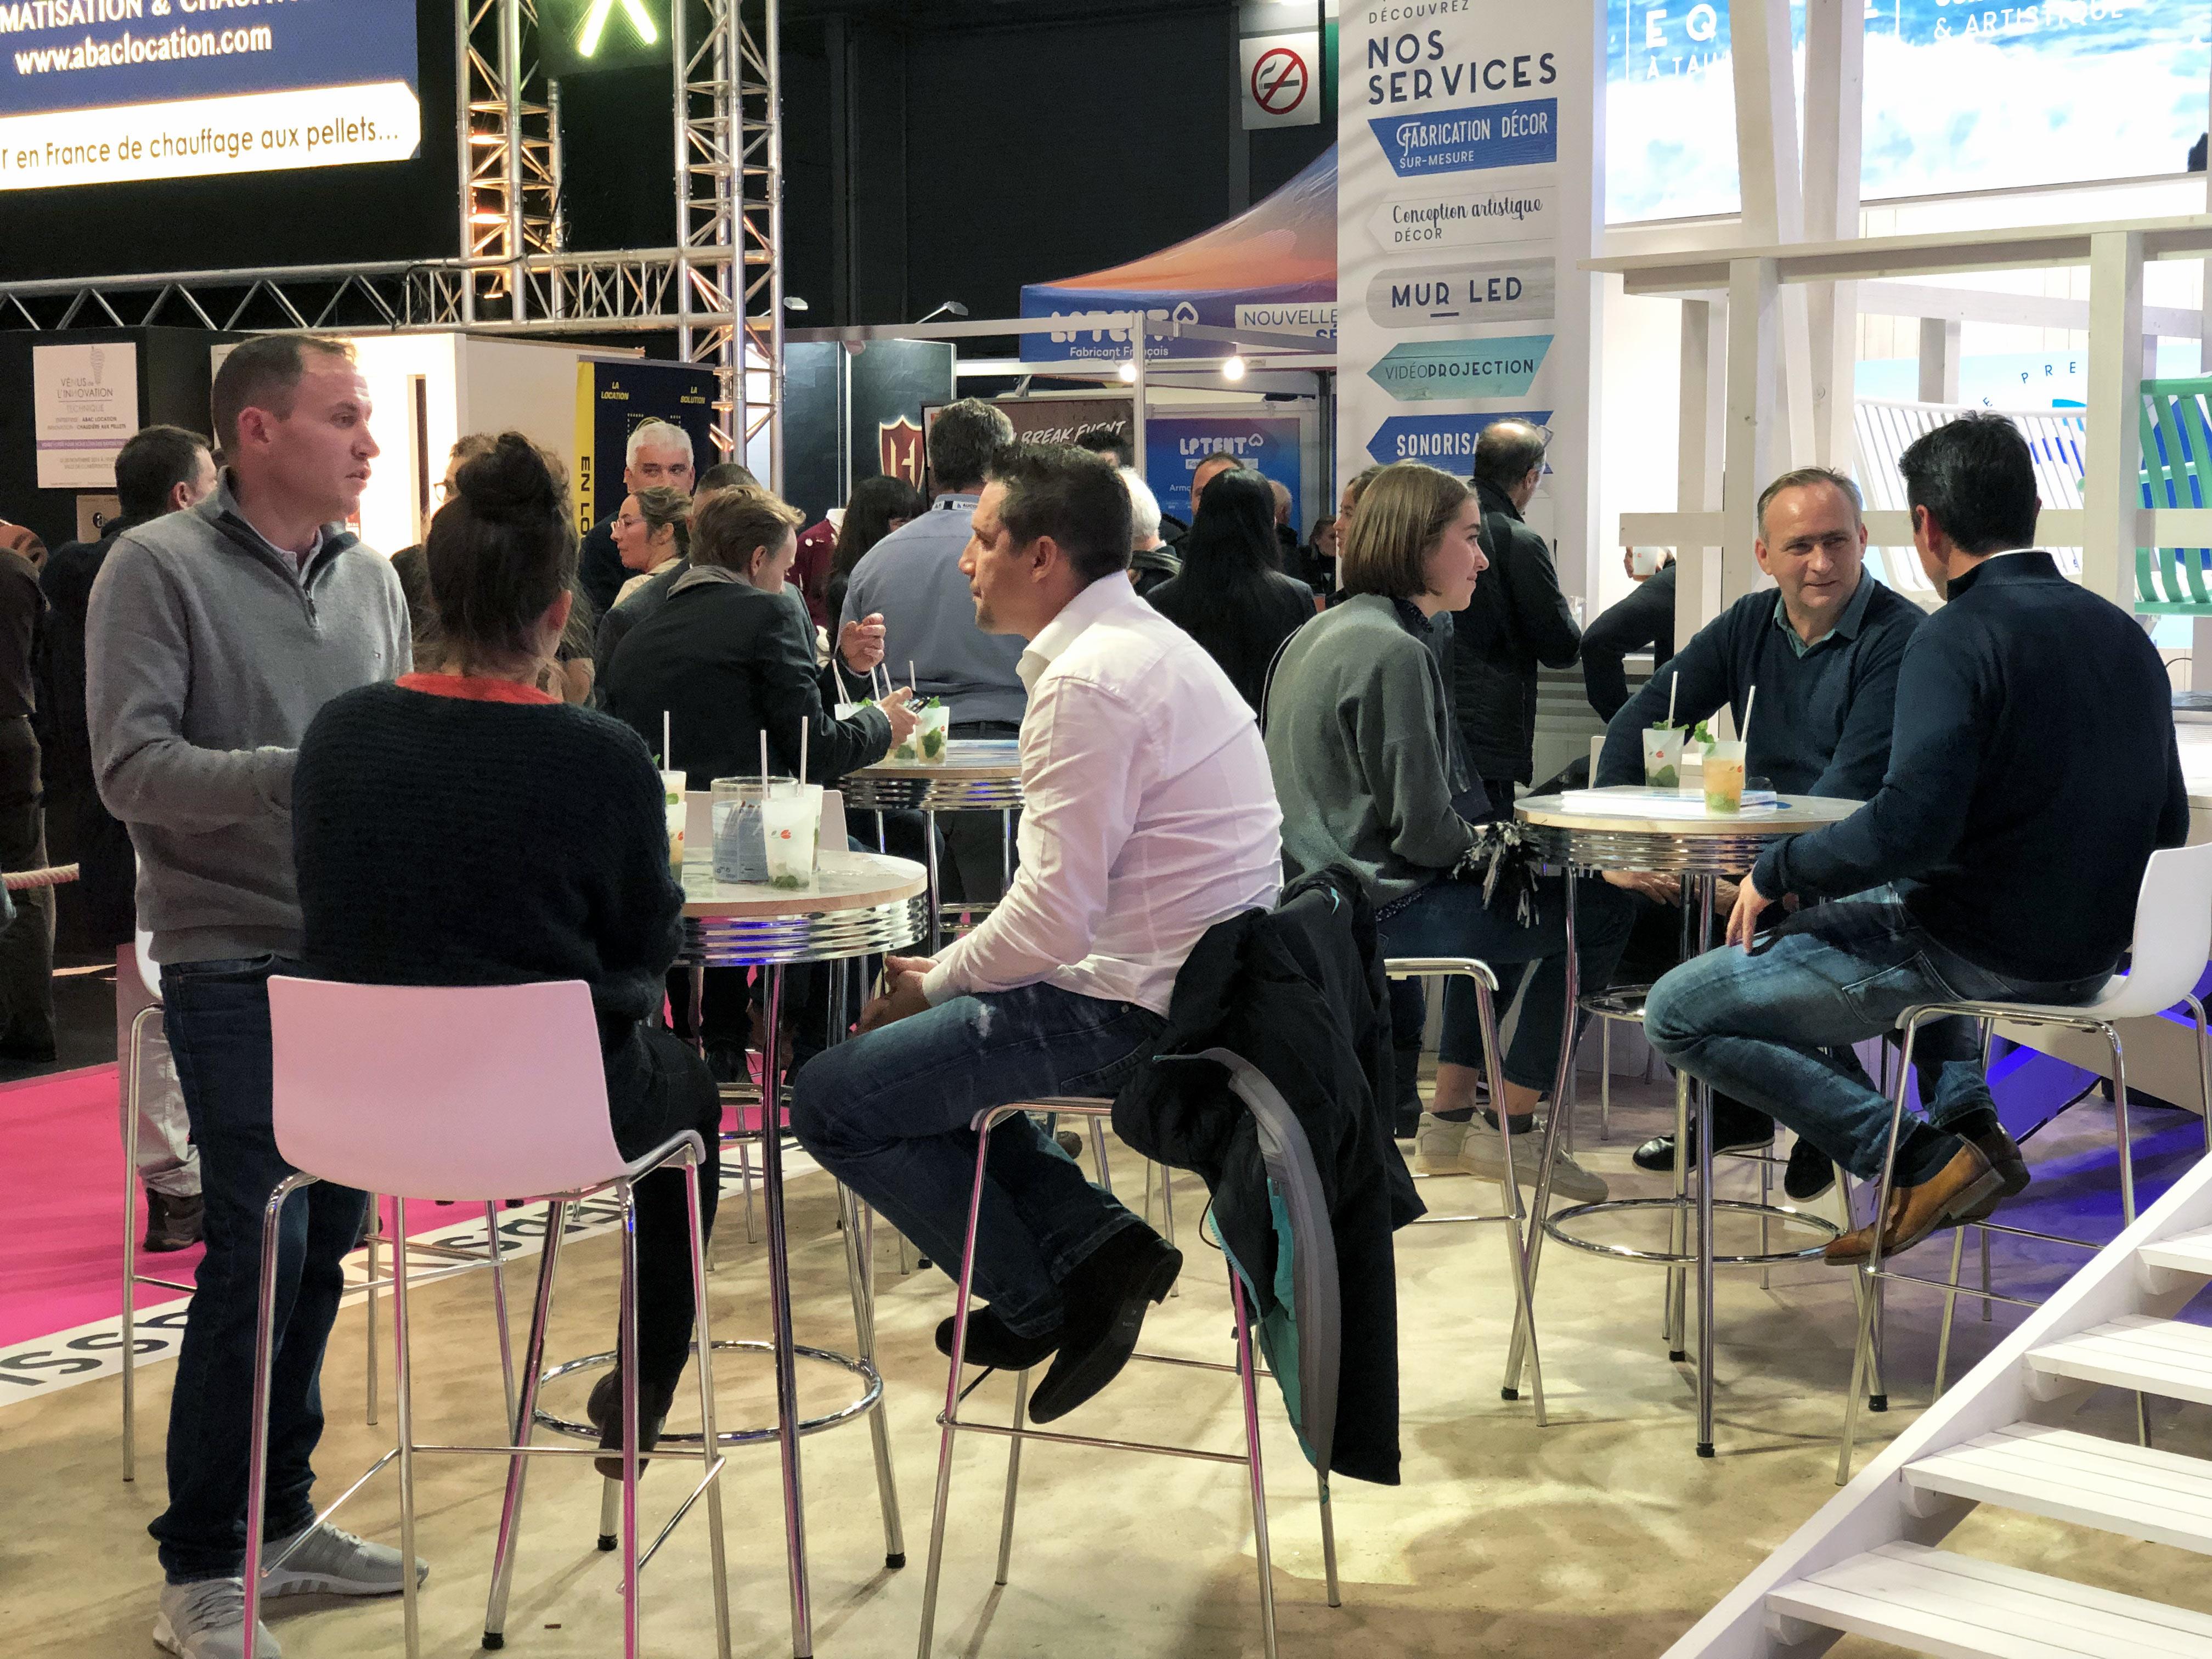 Heavent Paris 2019-AUCOP-HEAVENT19-PARIS-STAND-MOJITO-EVENEMENT